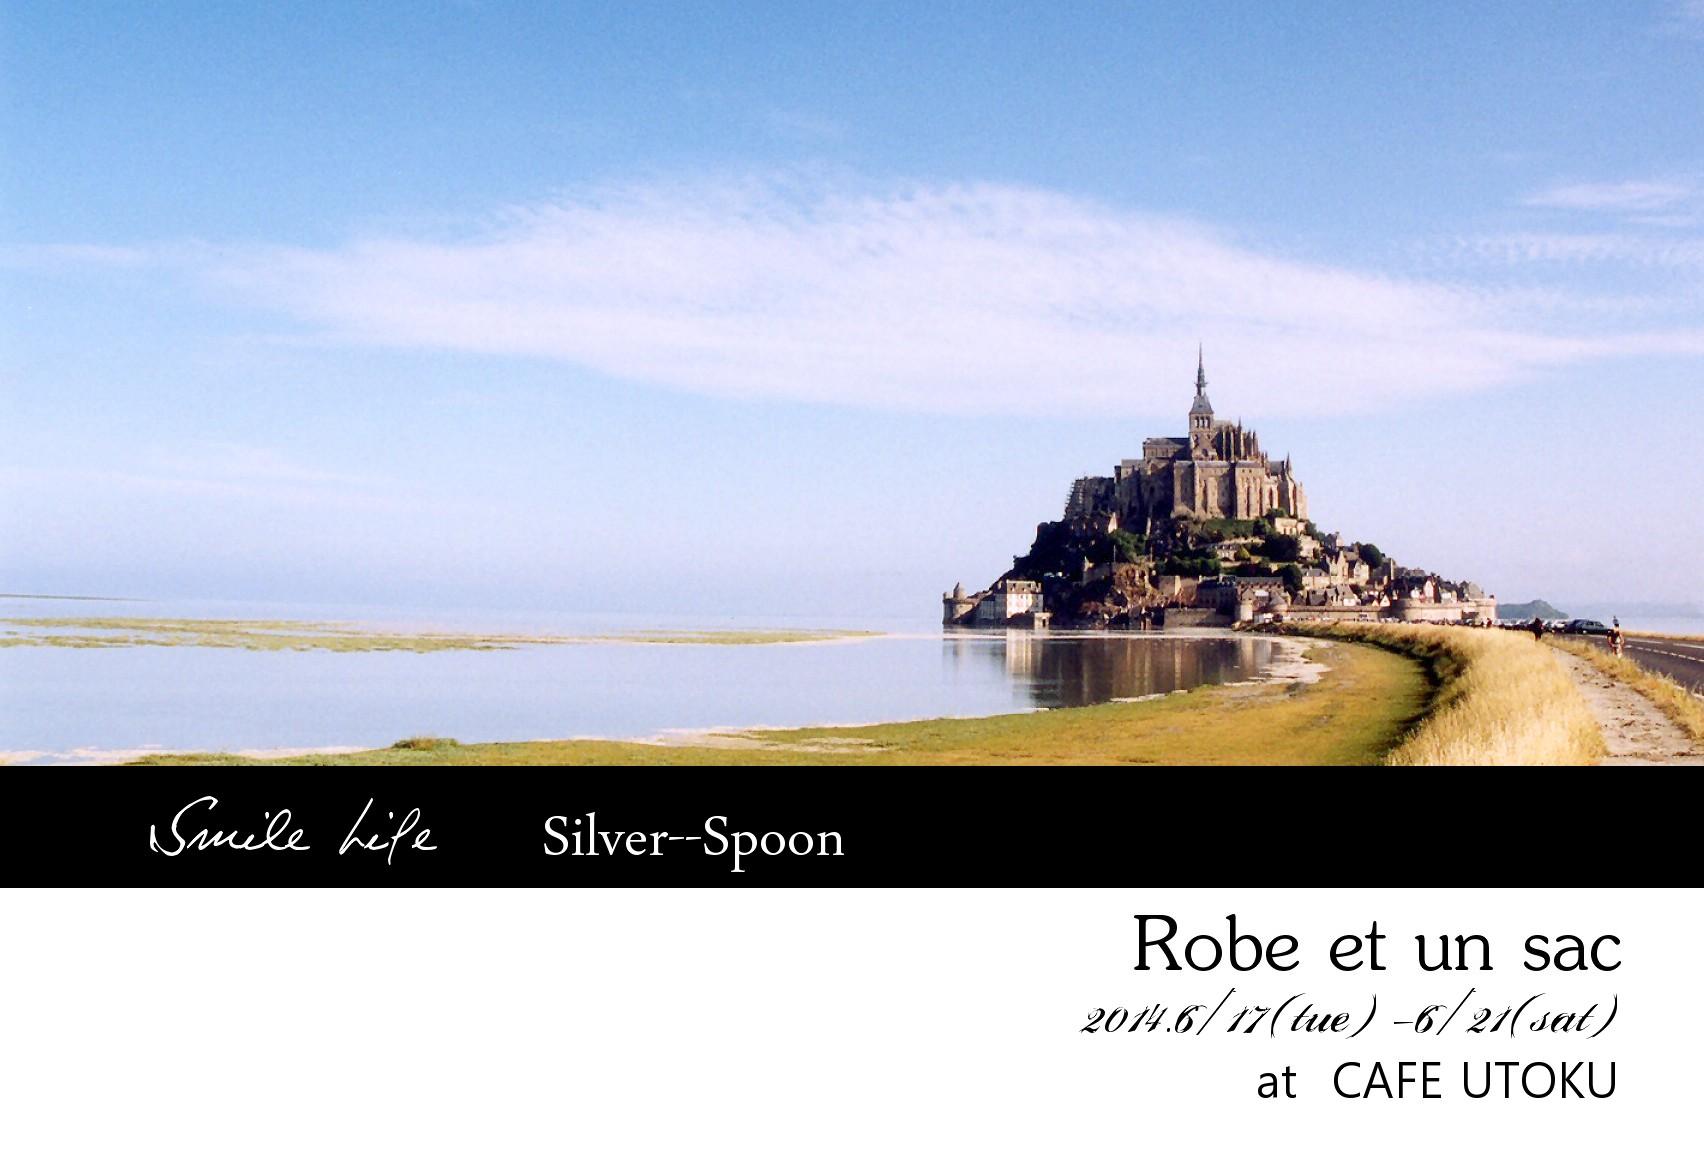 Robe et un sac …2014 夏の装い支度展…_b0173176_18525531.jpg